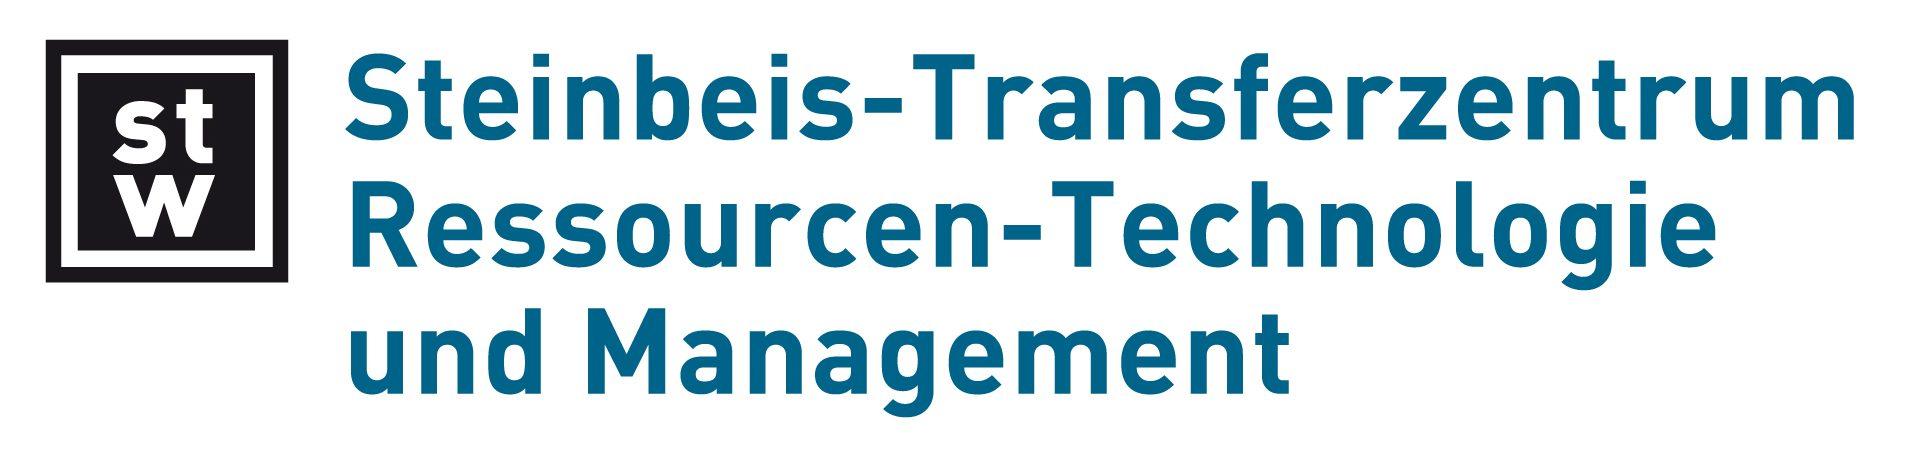 Steinbeis-Transferzentrum Ressourcen-Technologie und Management